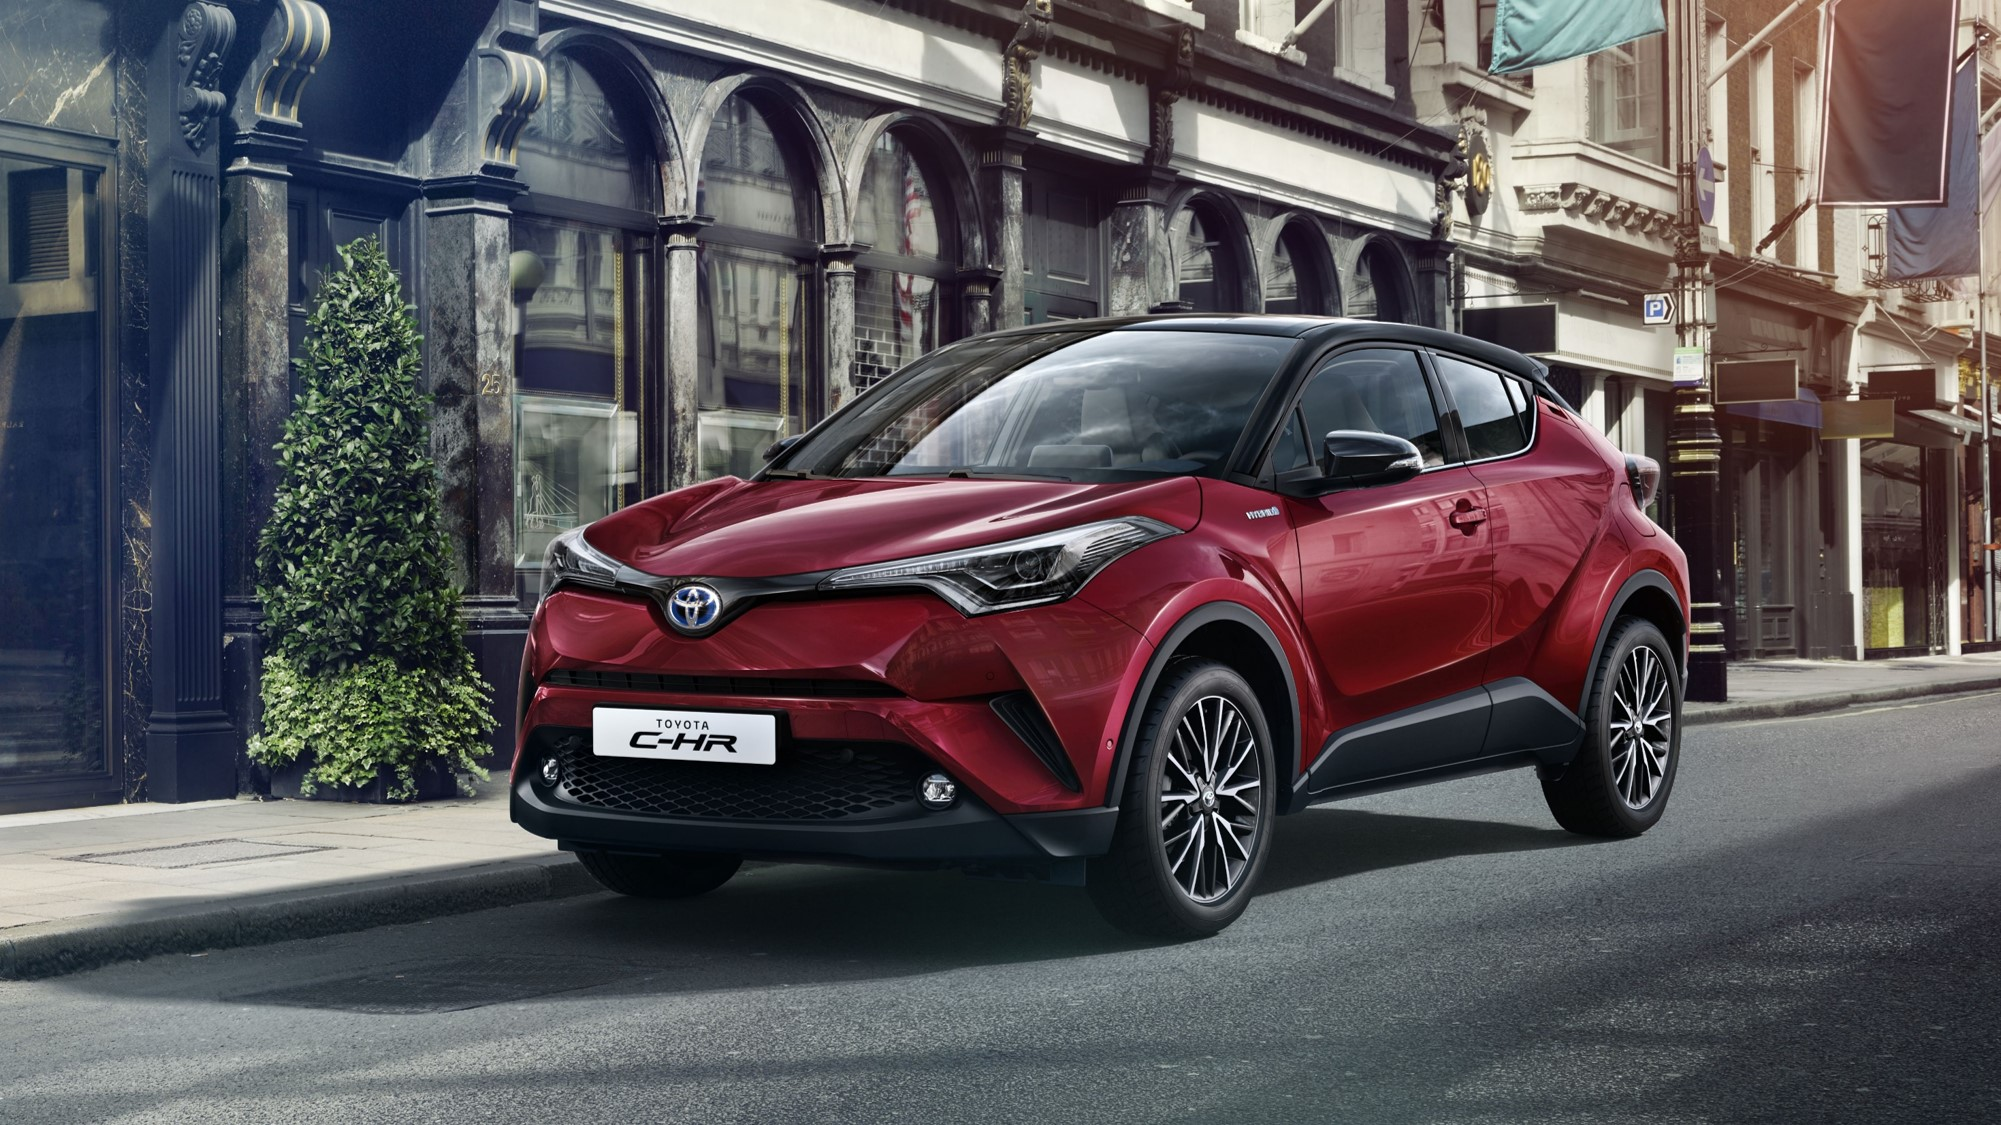 Toyota: híbridos representaram 58% das vendas na Europa Ocidental em 2018